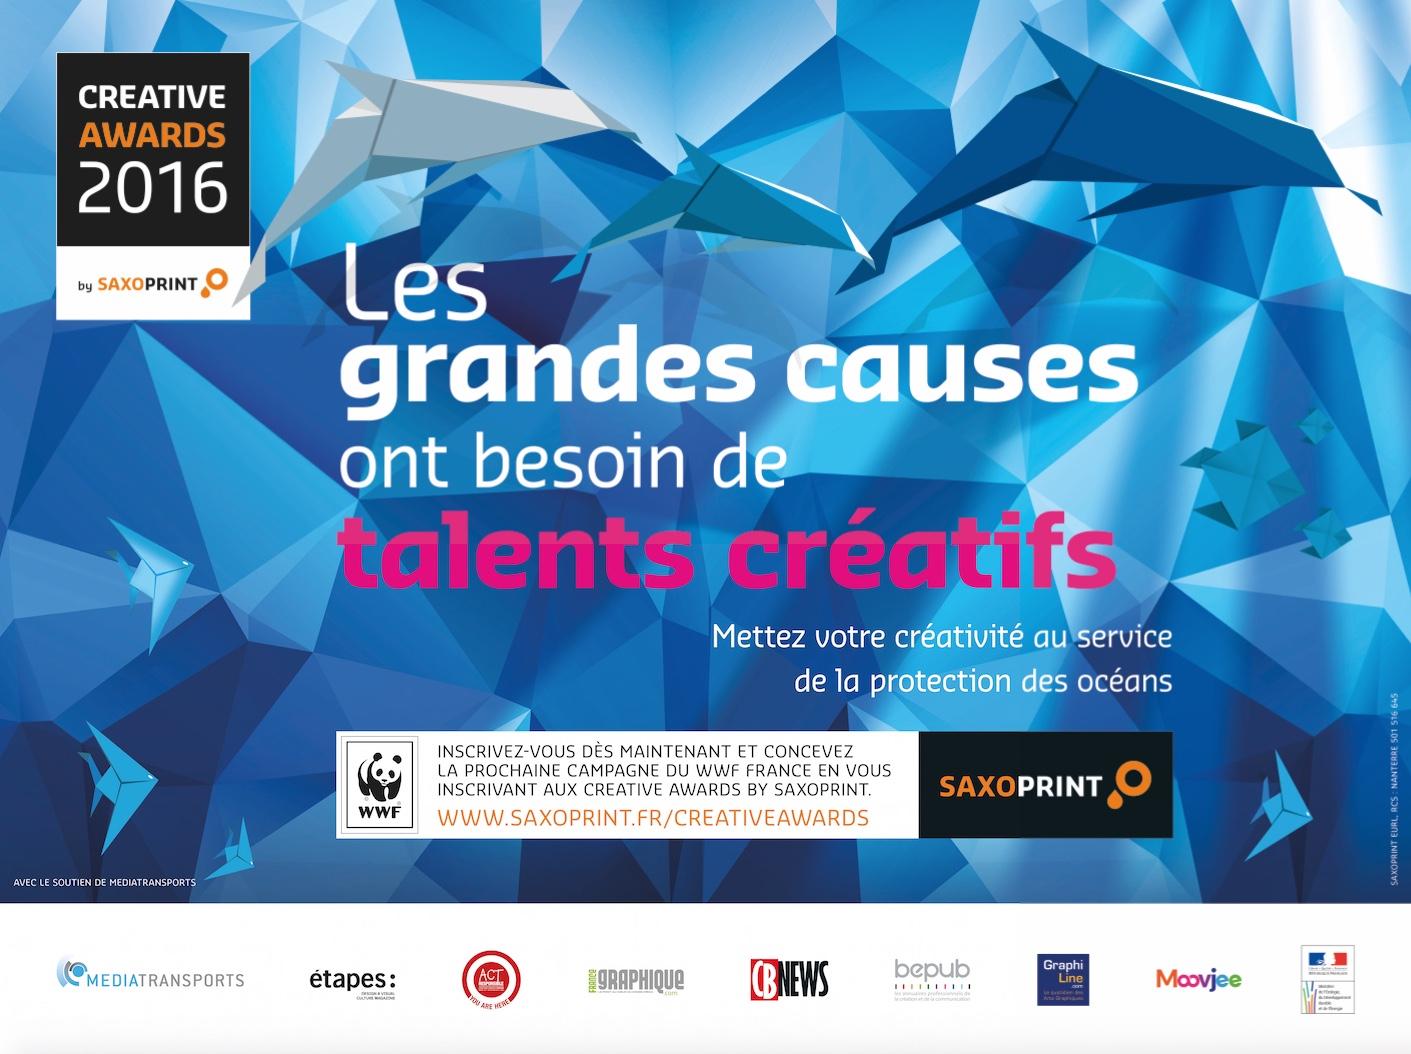 Concours de publicité grande cause Creative Awards by Saxoprint